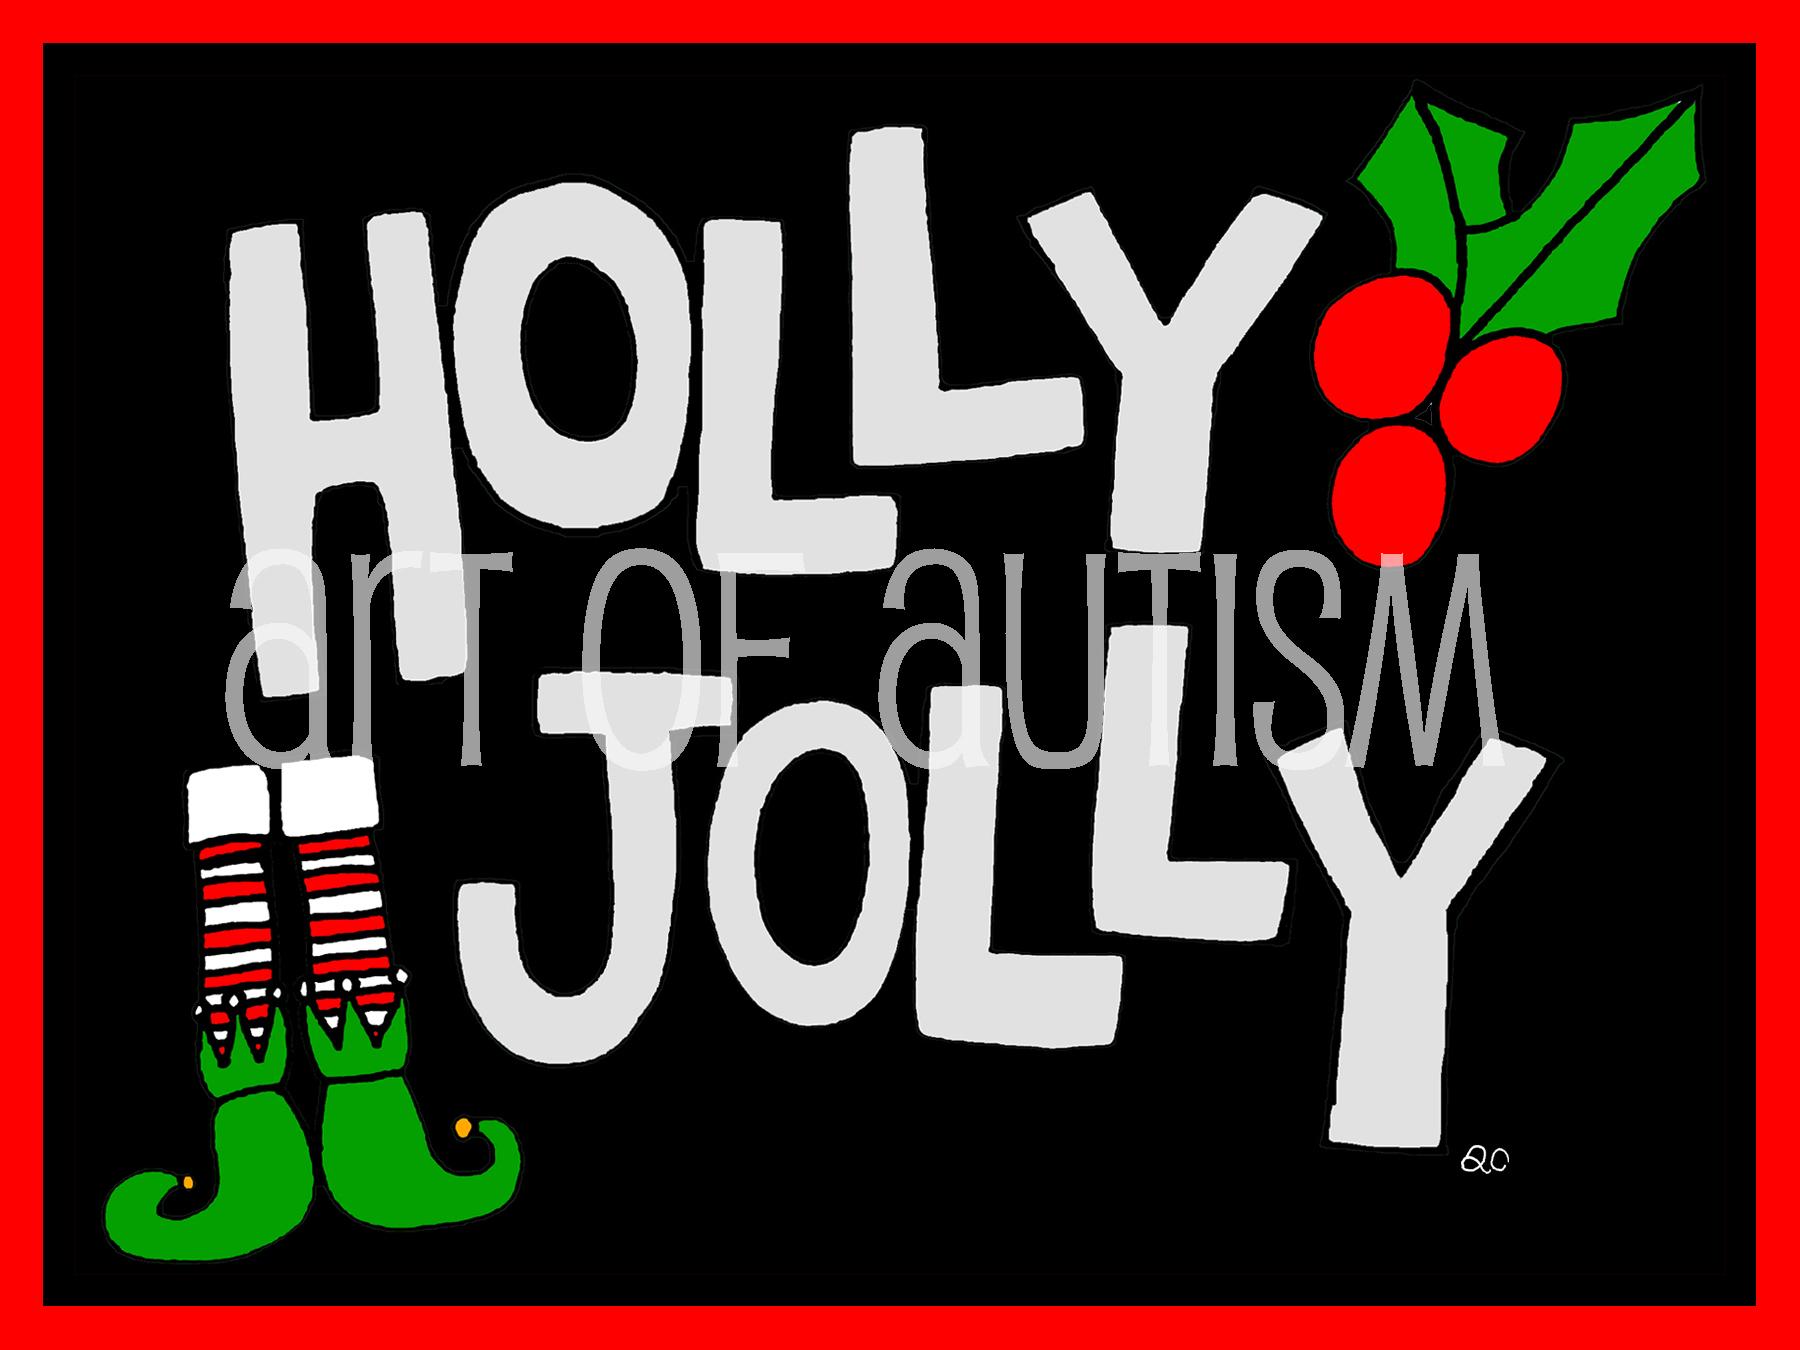 19-019 Holly Jolly